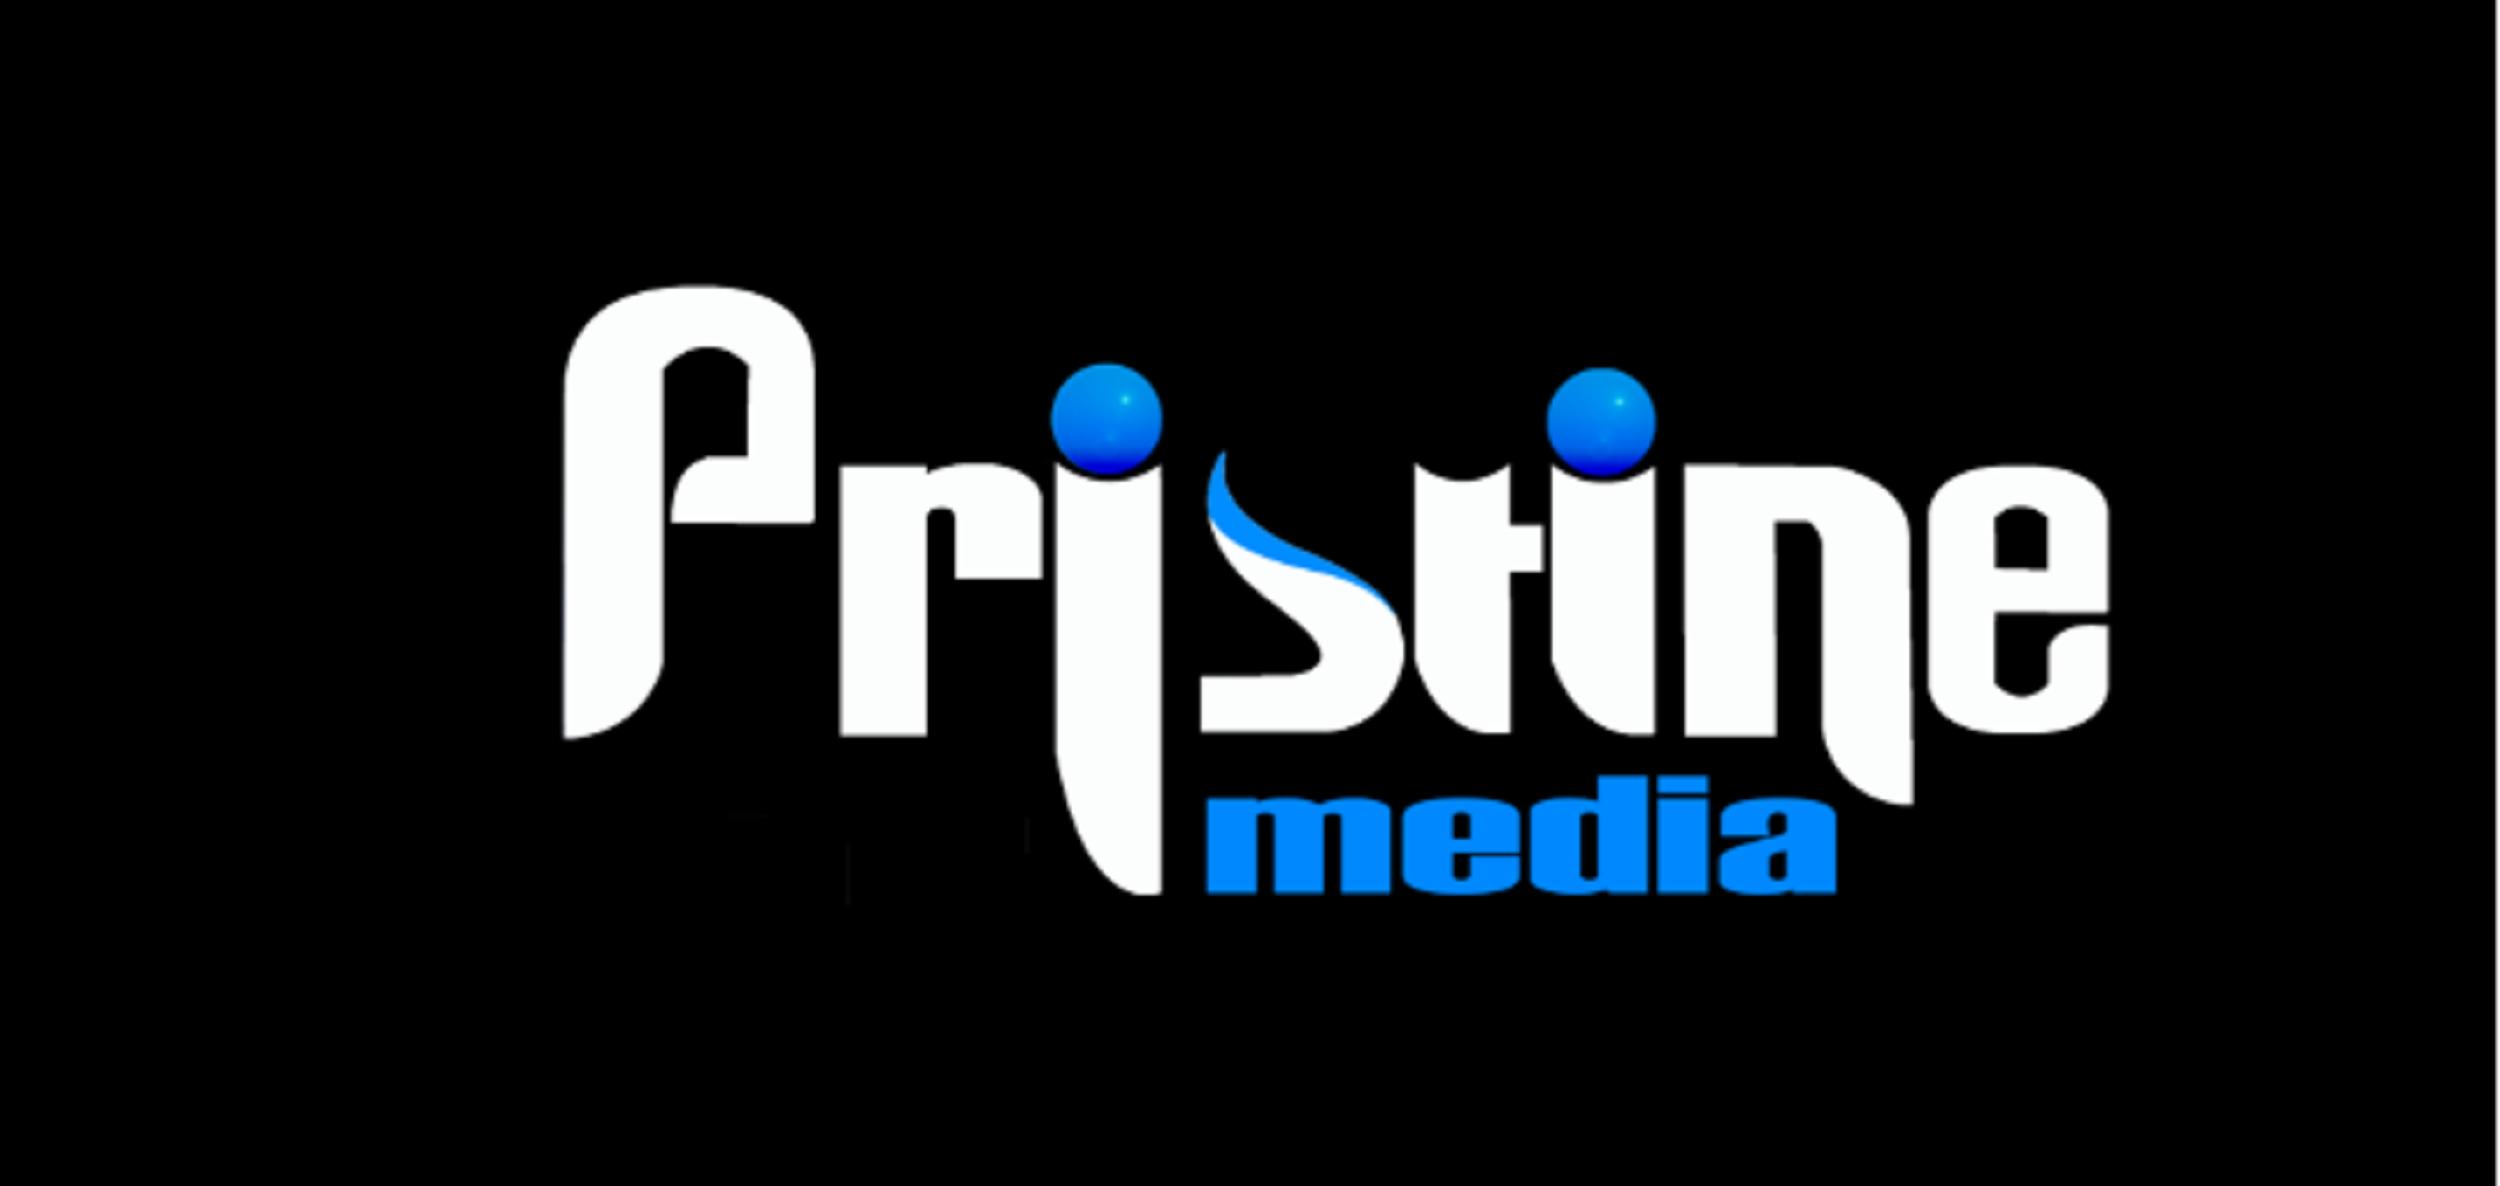 Pristine I Media